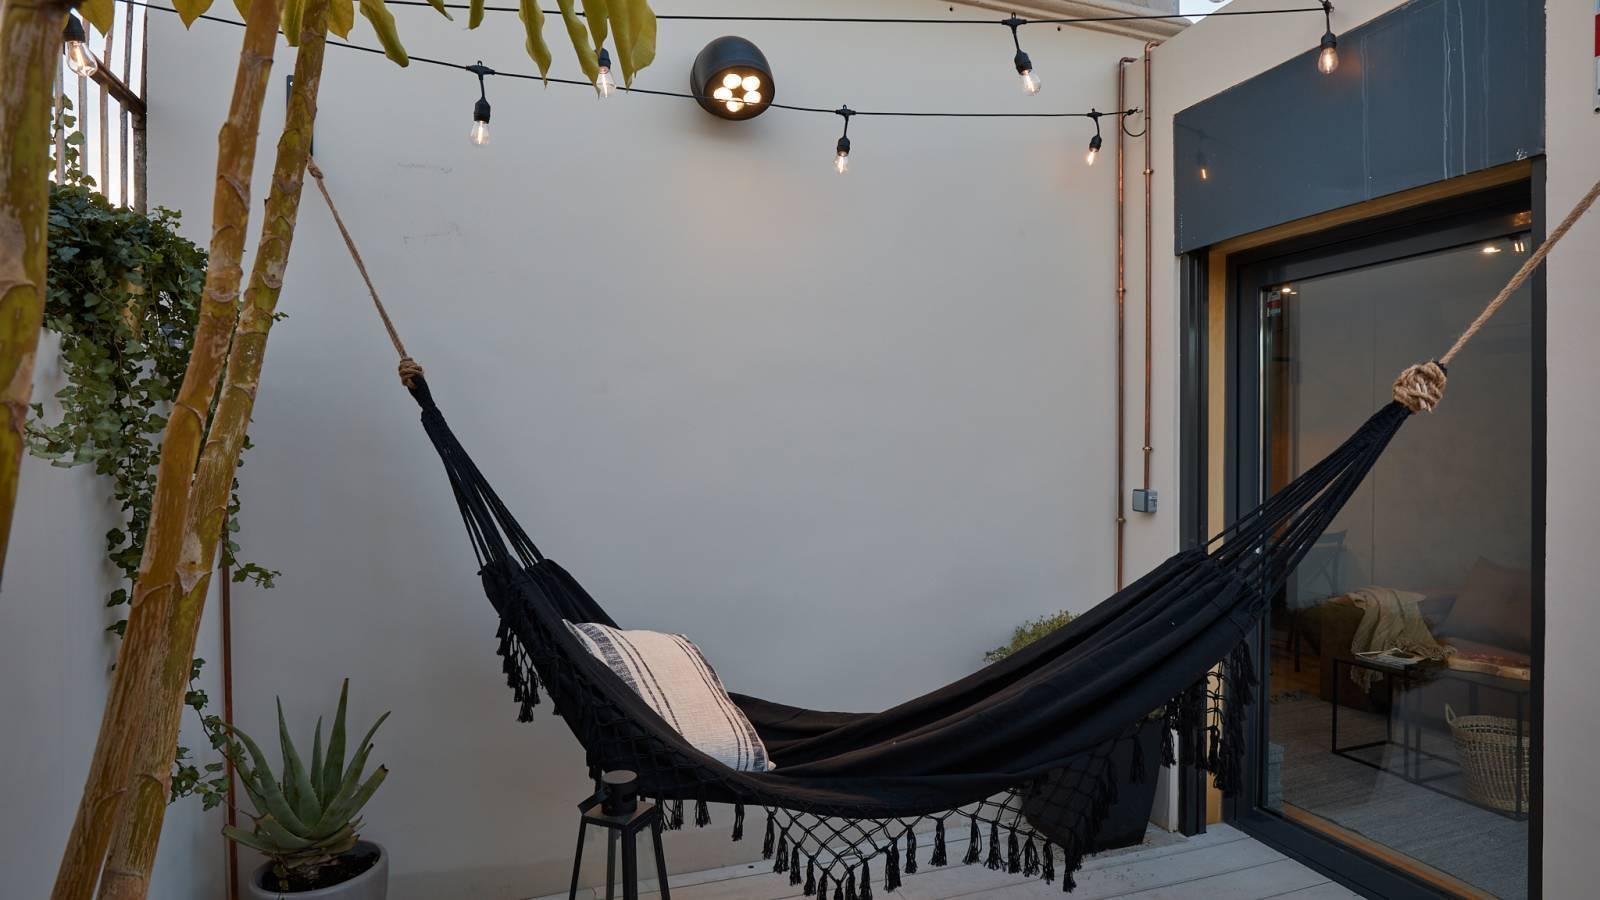 Una sala de estar  Descripción generada automáticamente con confianza baja